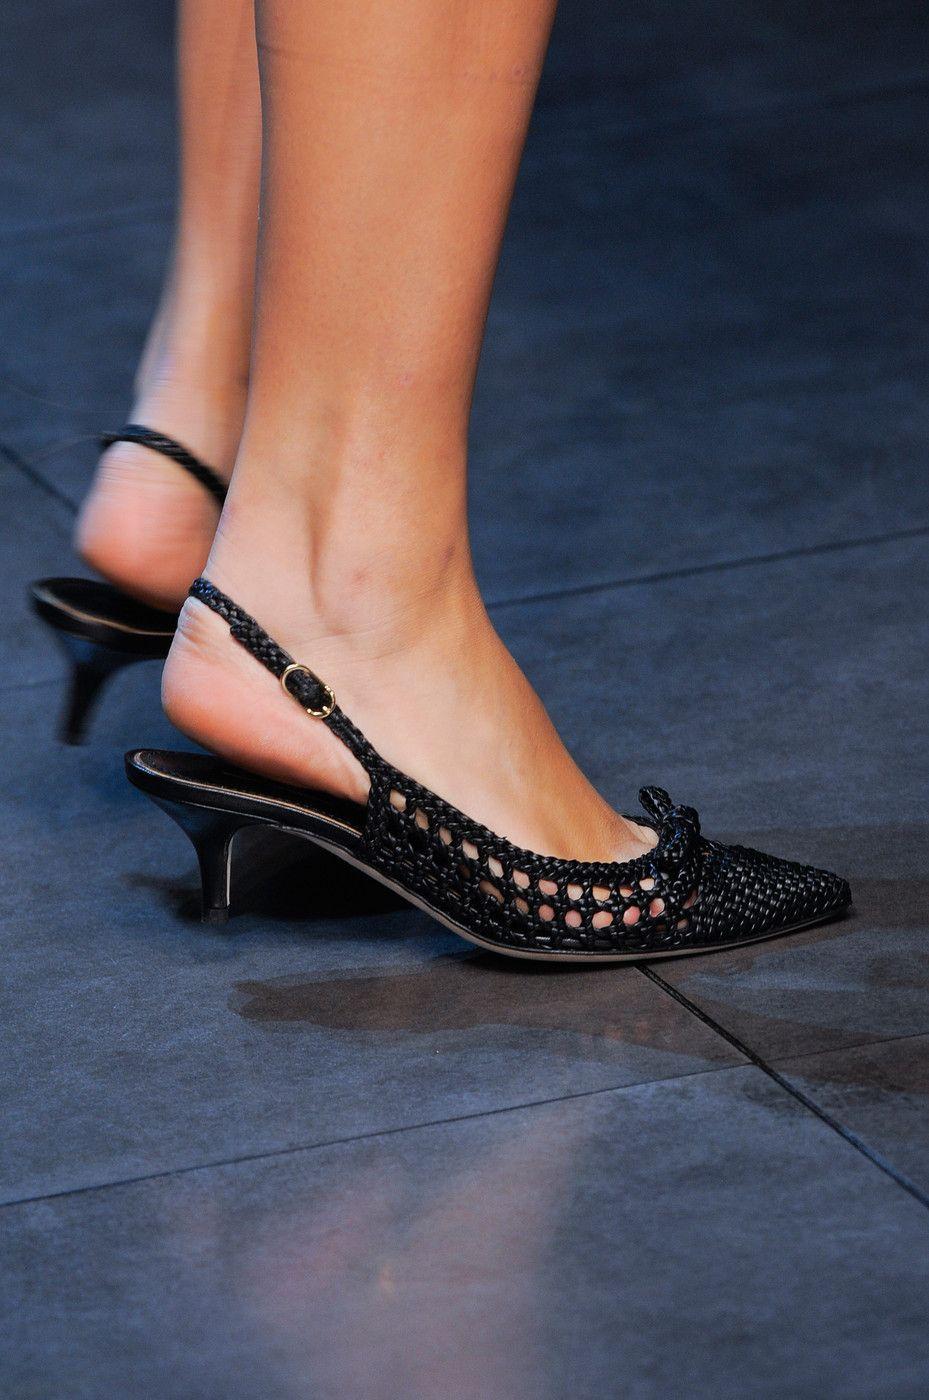 Dolce Gabbana Spring 2014 Runway Pictures Kitten Heel Shoes Heels Kitten Heels